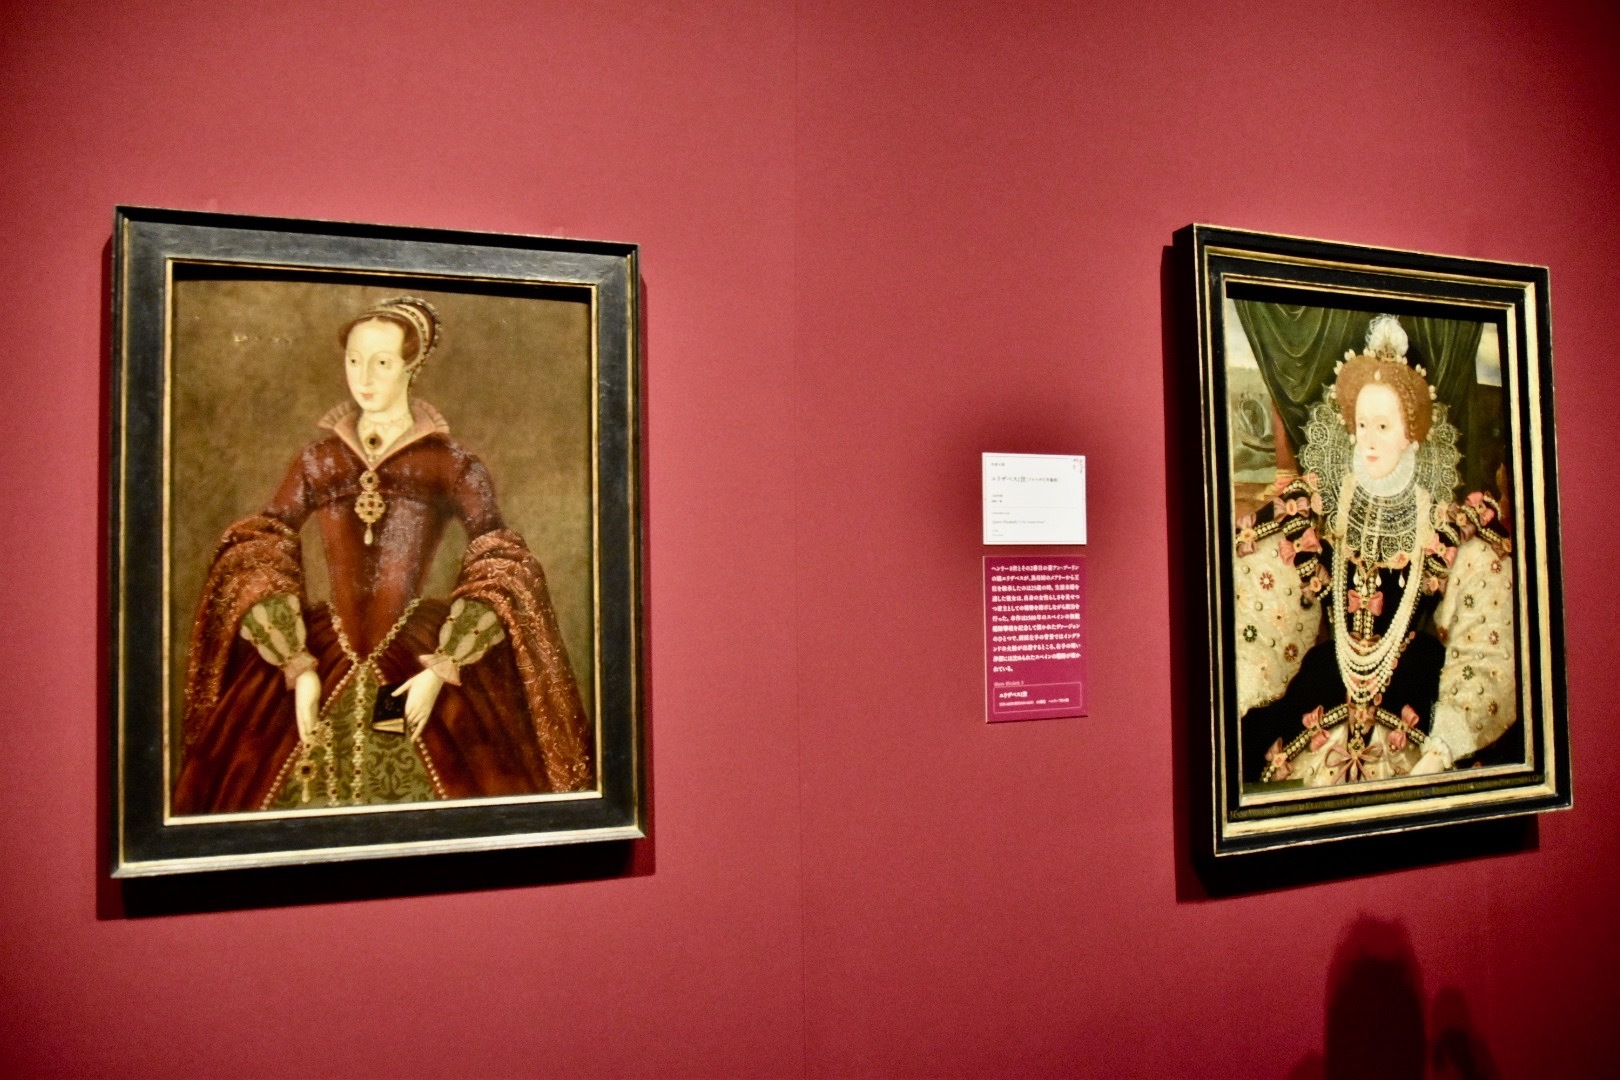 左:作者不詳《レディ・ジェーン・グレイ》1590-1600年頃、右:作者不詳《エリザベス1世(アルマダの肖像画)》1588年頃